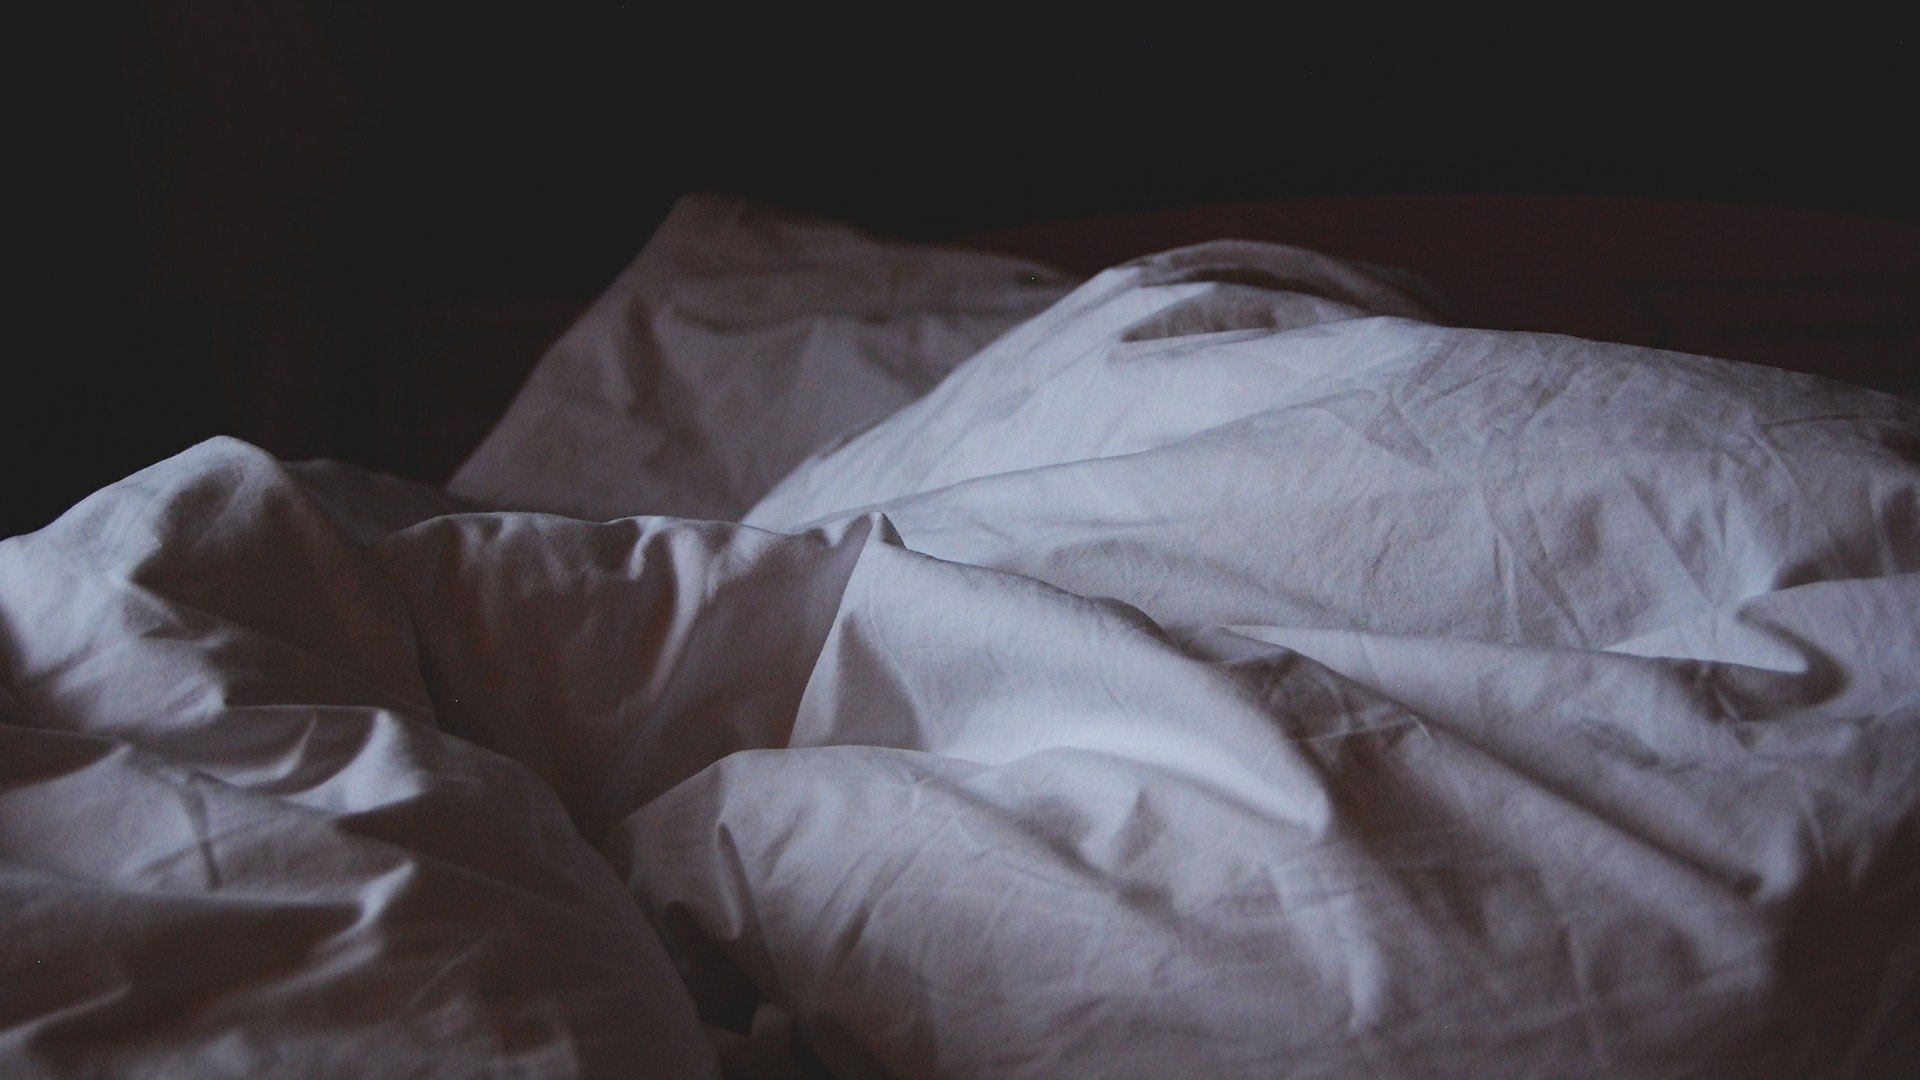 捨てたコトその5『睡眠時間』